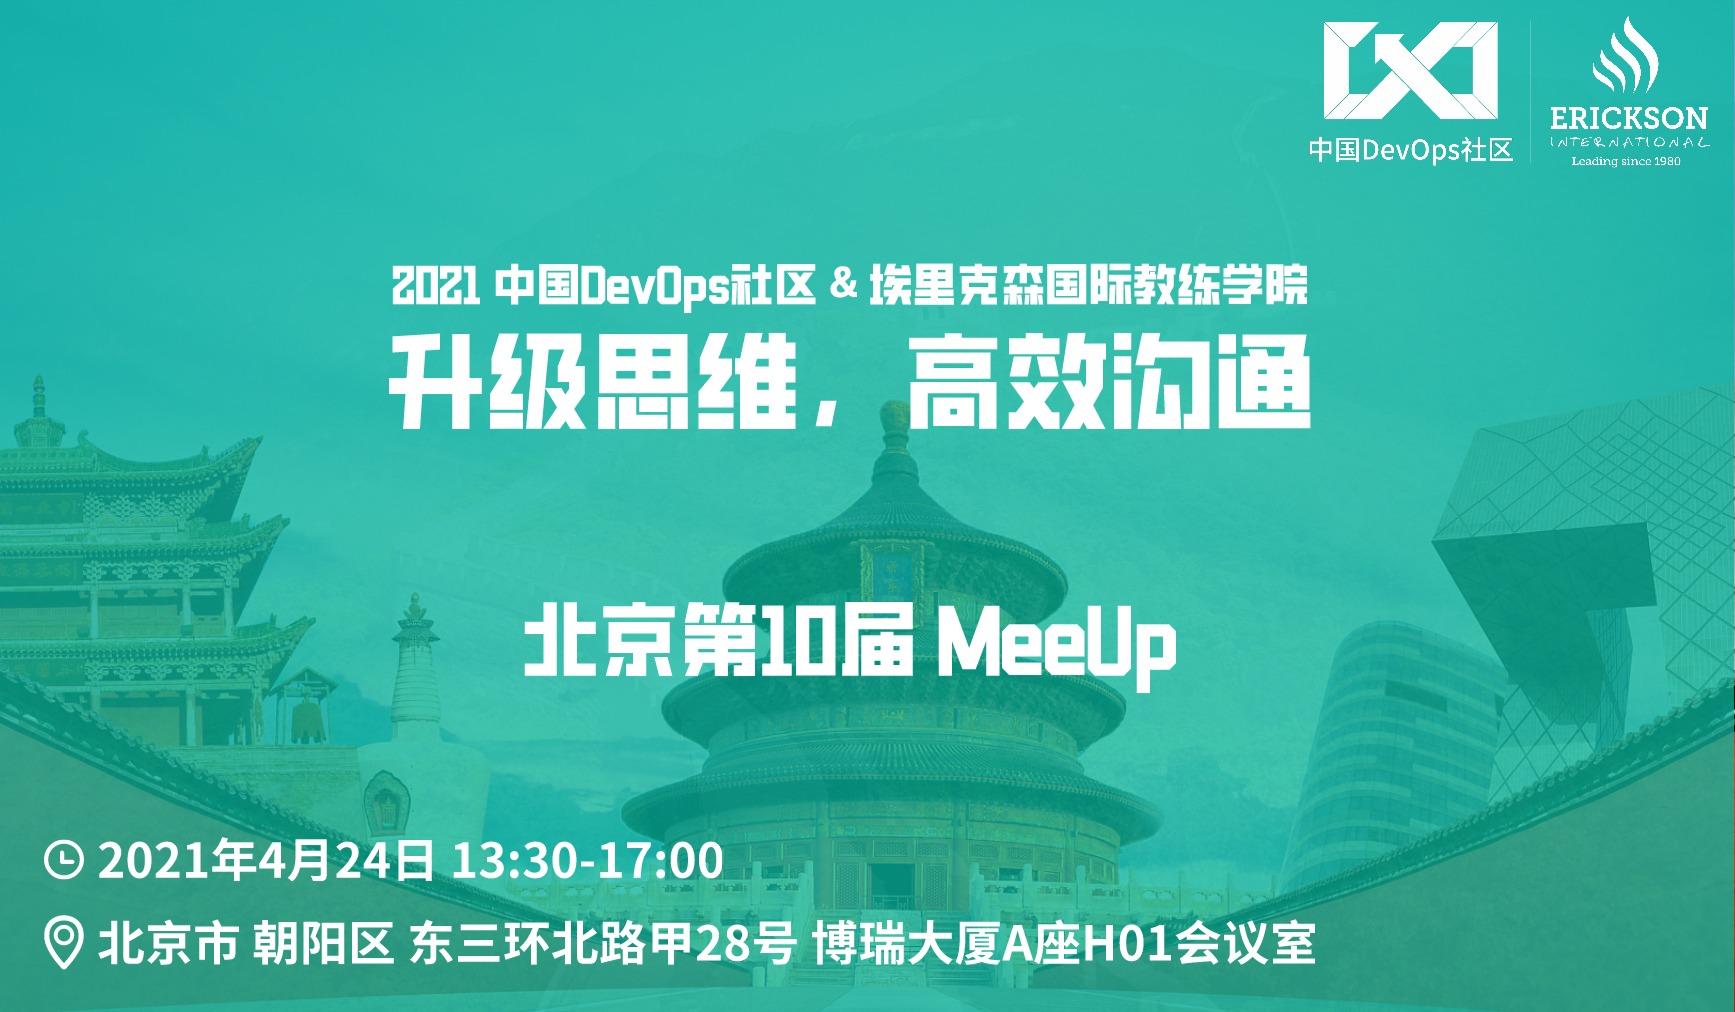 中国DevOps社区&埃里克森国际教练学院 北京第10届Meetup